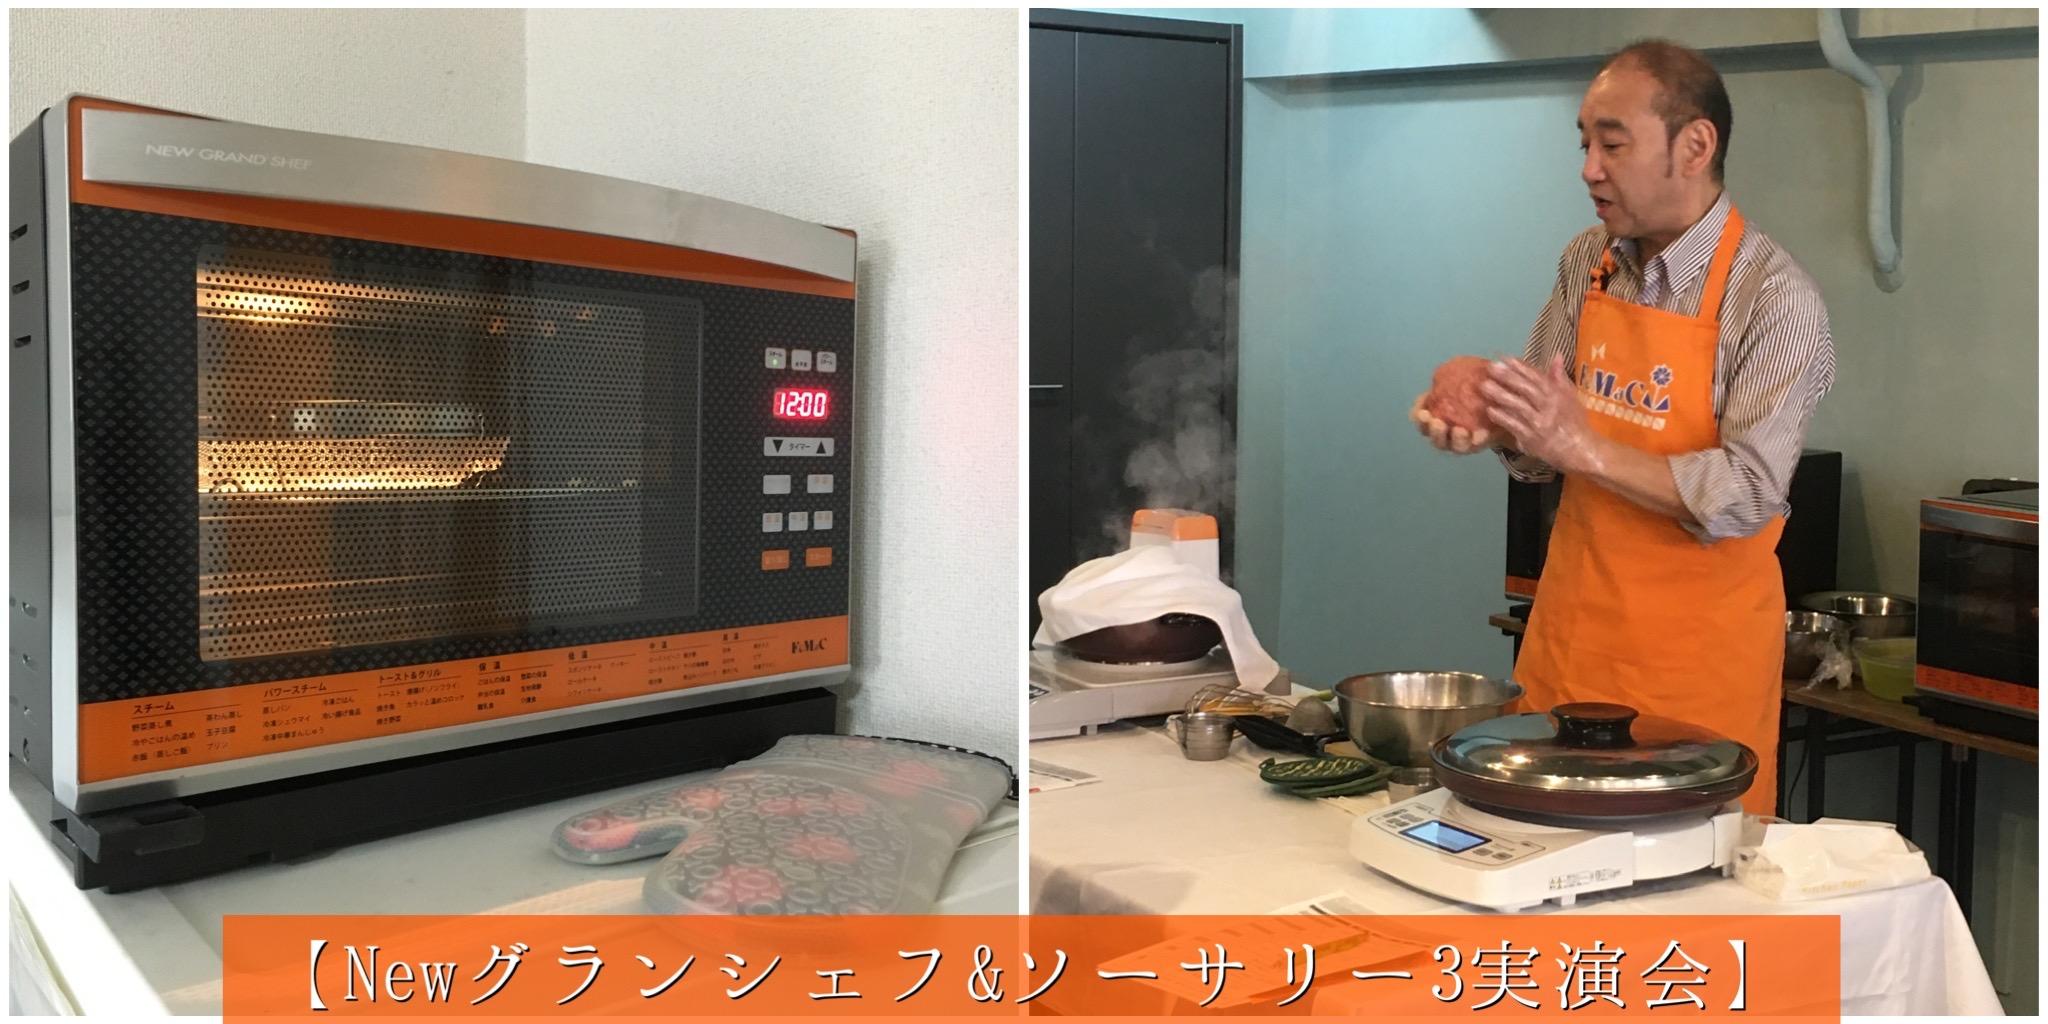 グランシェフ&ソーサリー3実演会 (無料)